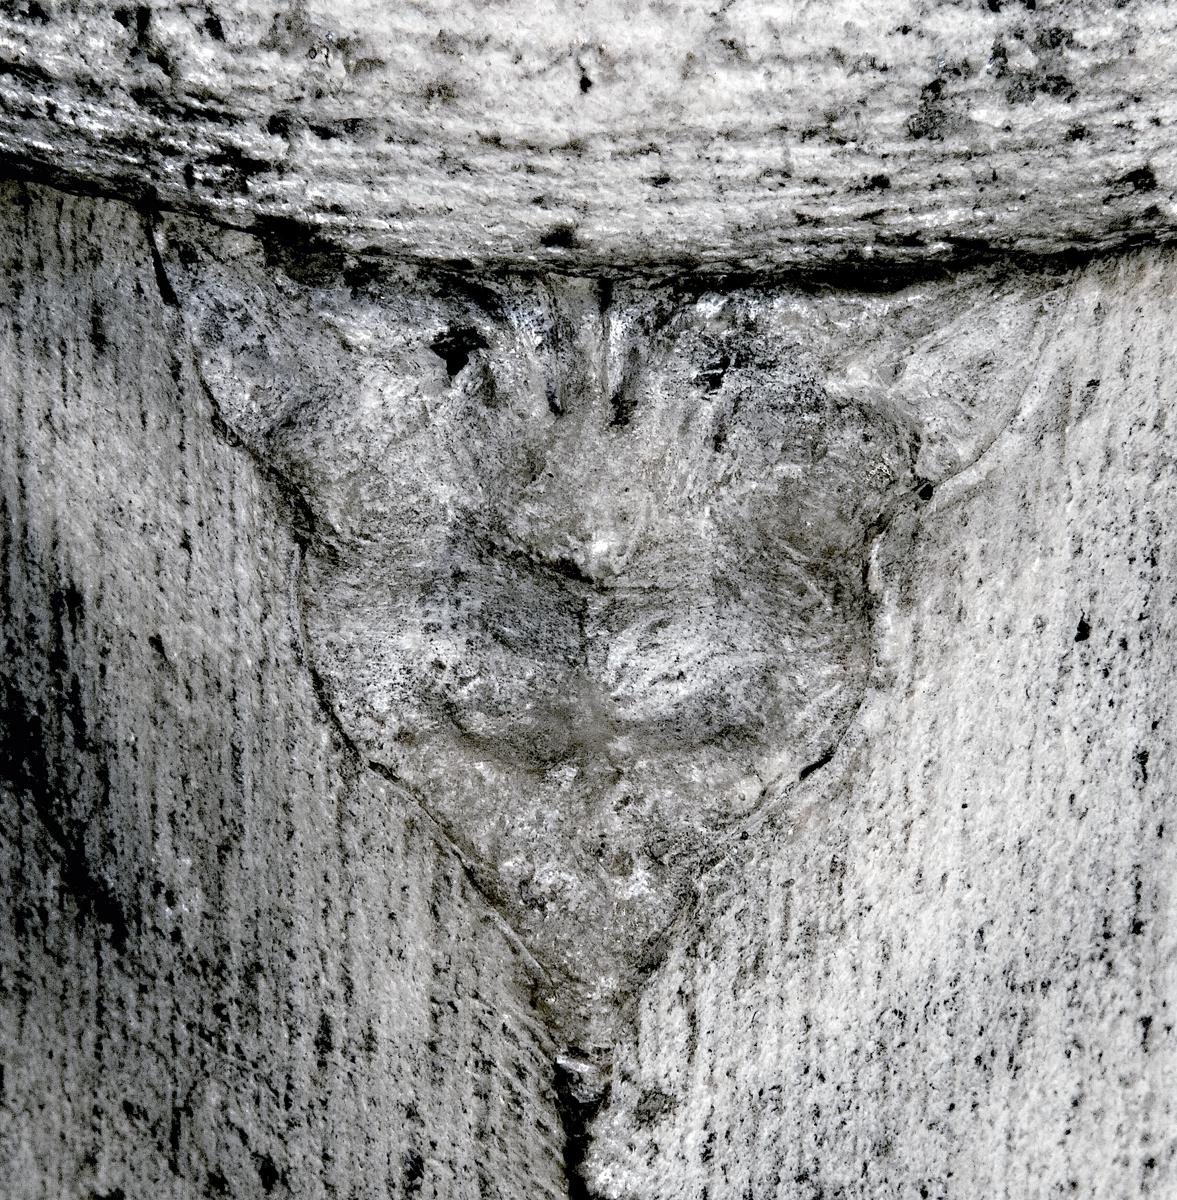 Pelare A13. Treflikigt hörnblad av B-typ åt sydväst, Uppsala domkyrka, Uppsala 2008